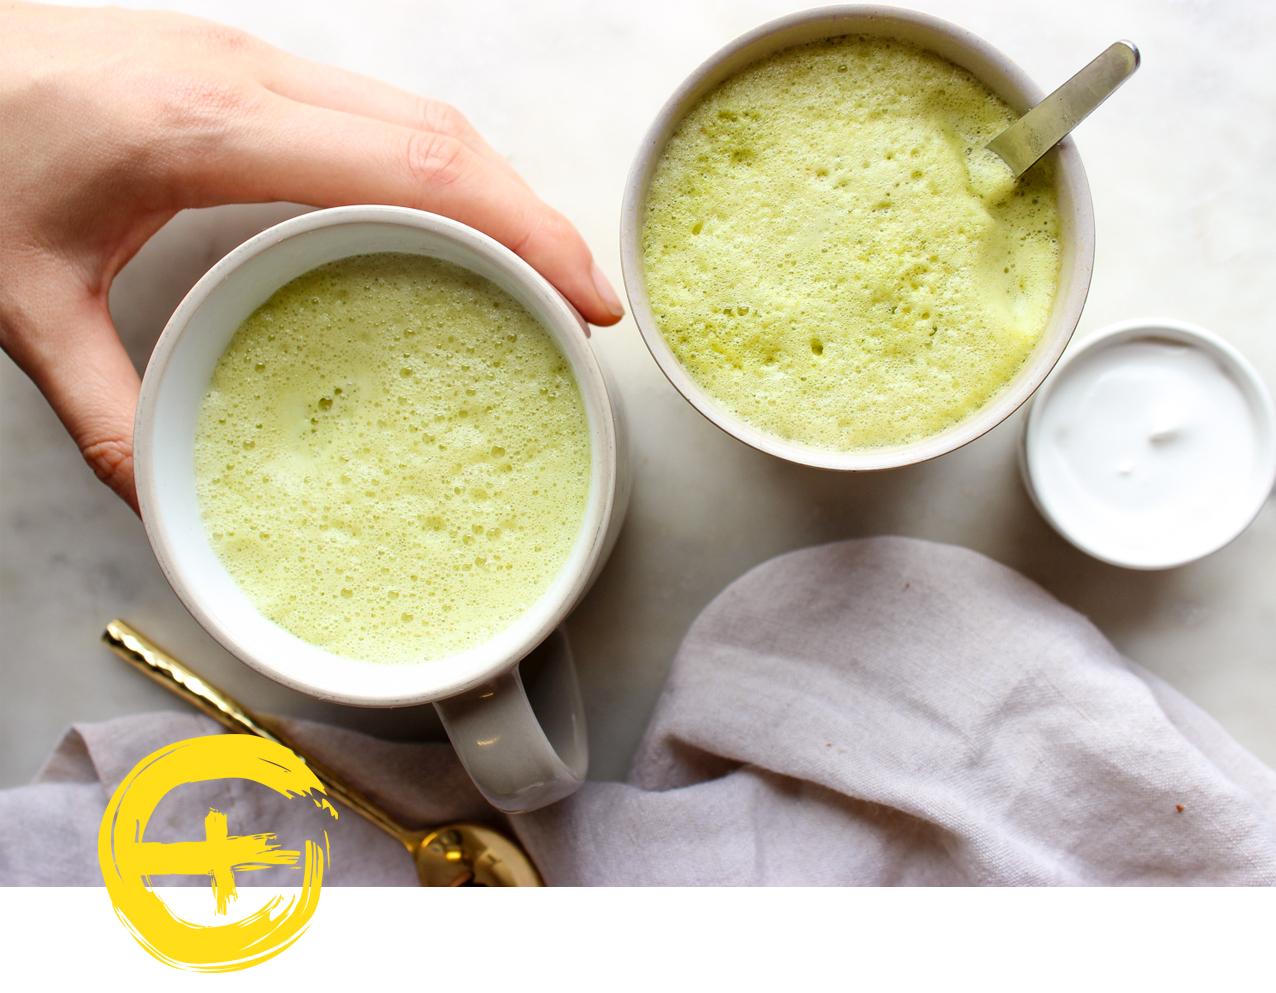 superfood matcha latte.jpg